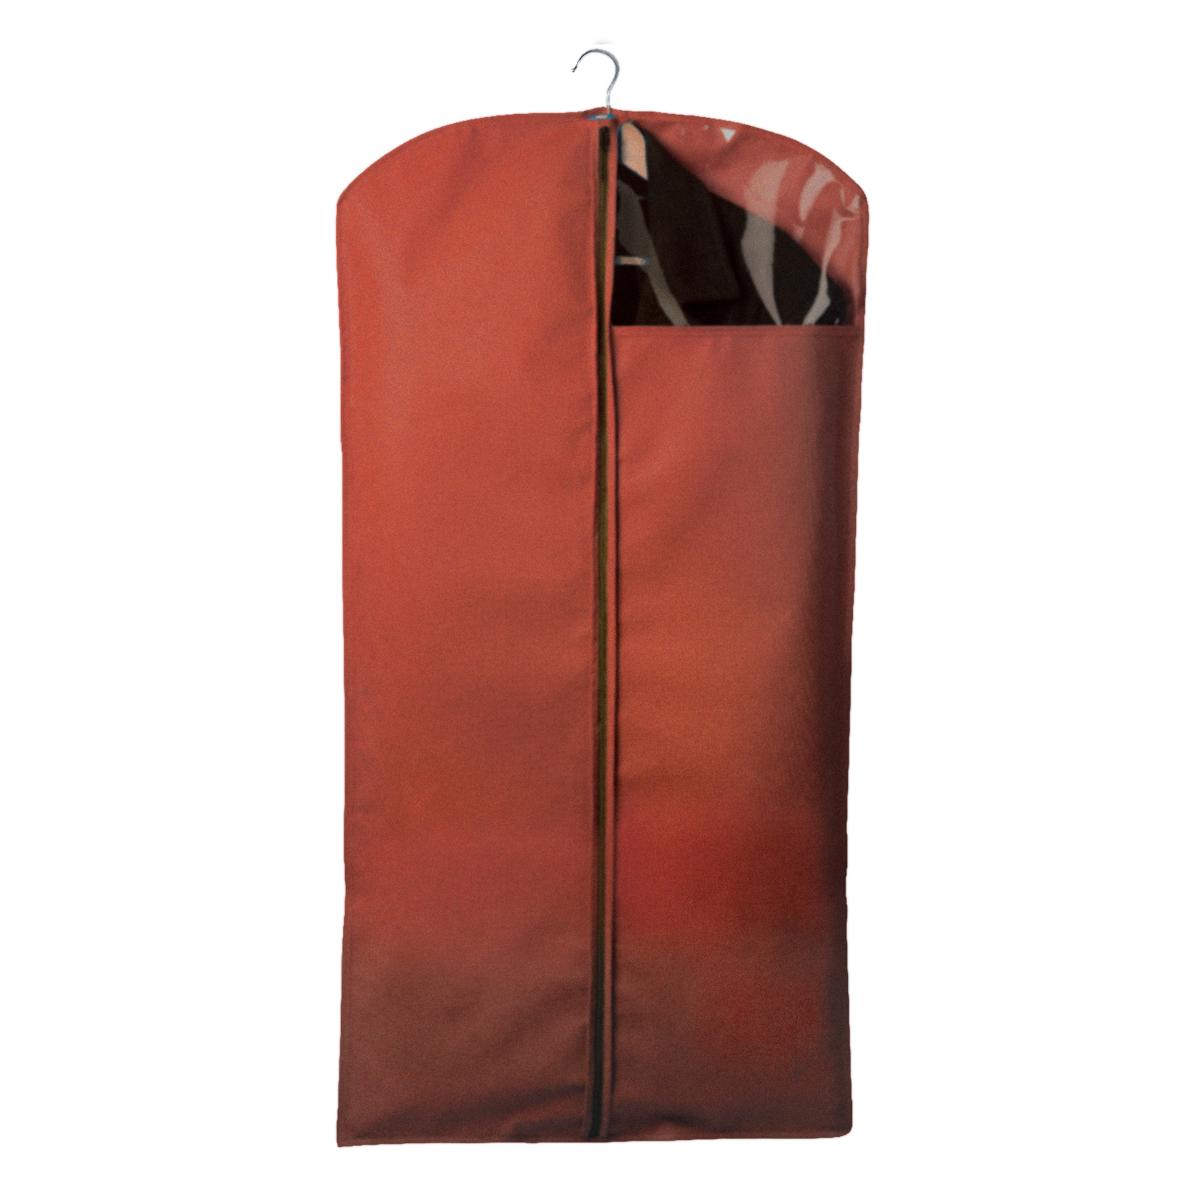 Чехол для одежды Miolla, цвет: бордовый, 120 х 60 смCHL-2-2Чехол для костюмов и платьев 120 x 60 см бордовый